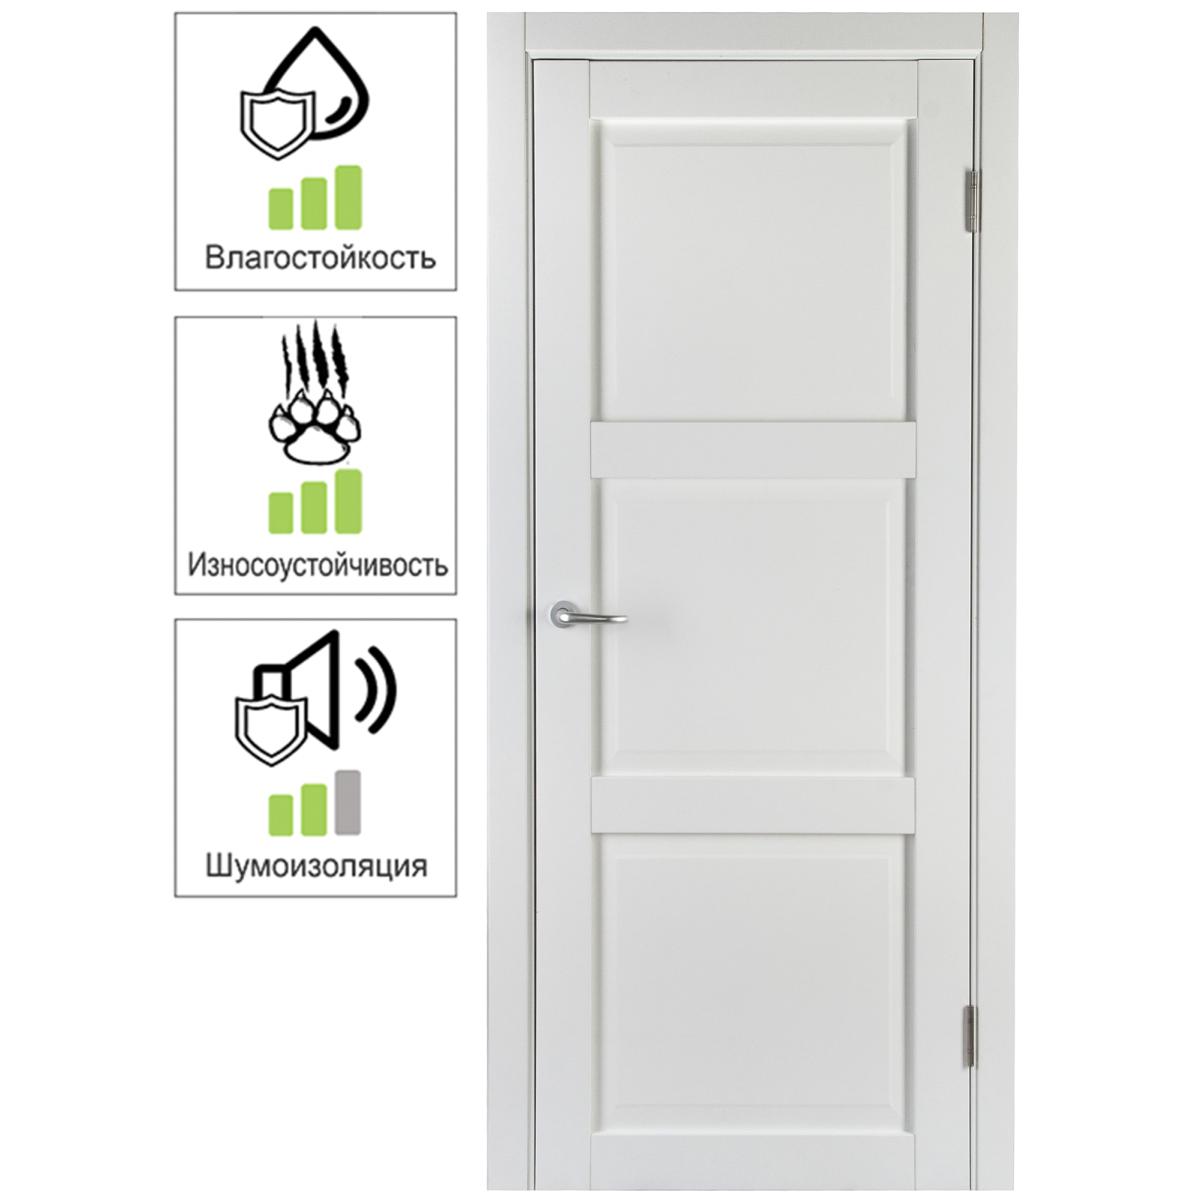 Дверь межкомнатная с фурнитурой Адажио 90х200 см Hardflex цвет белый